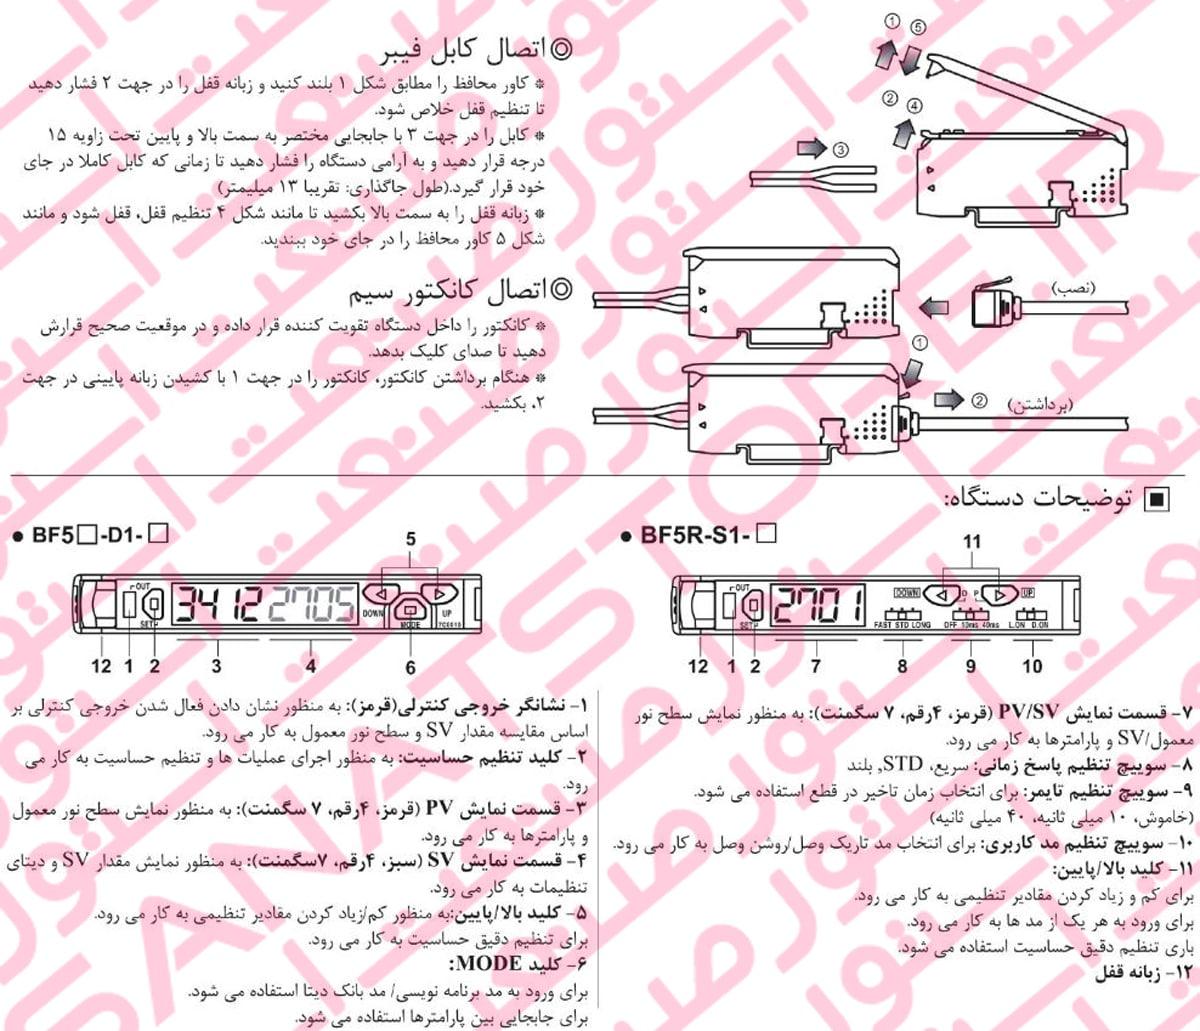 نصب آمپلی فایر فیبر نوری آتونیکس سری BF5 1 - آمپلی فایر فیبر نوری آتونیکس Autonics مدل BF5R-D1-N